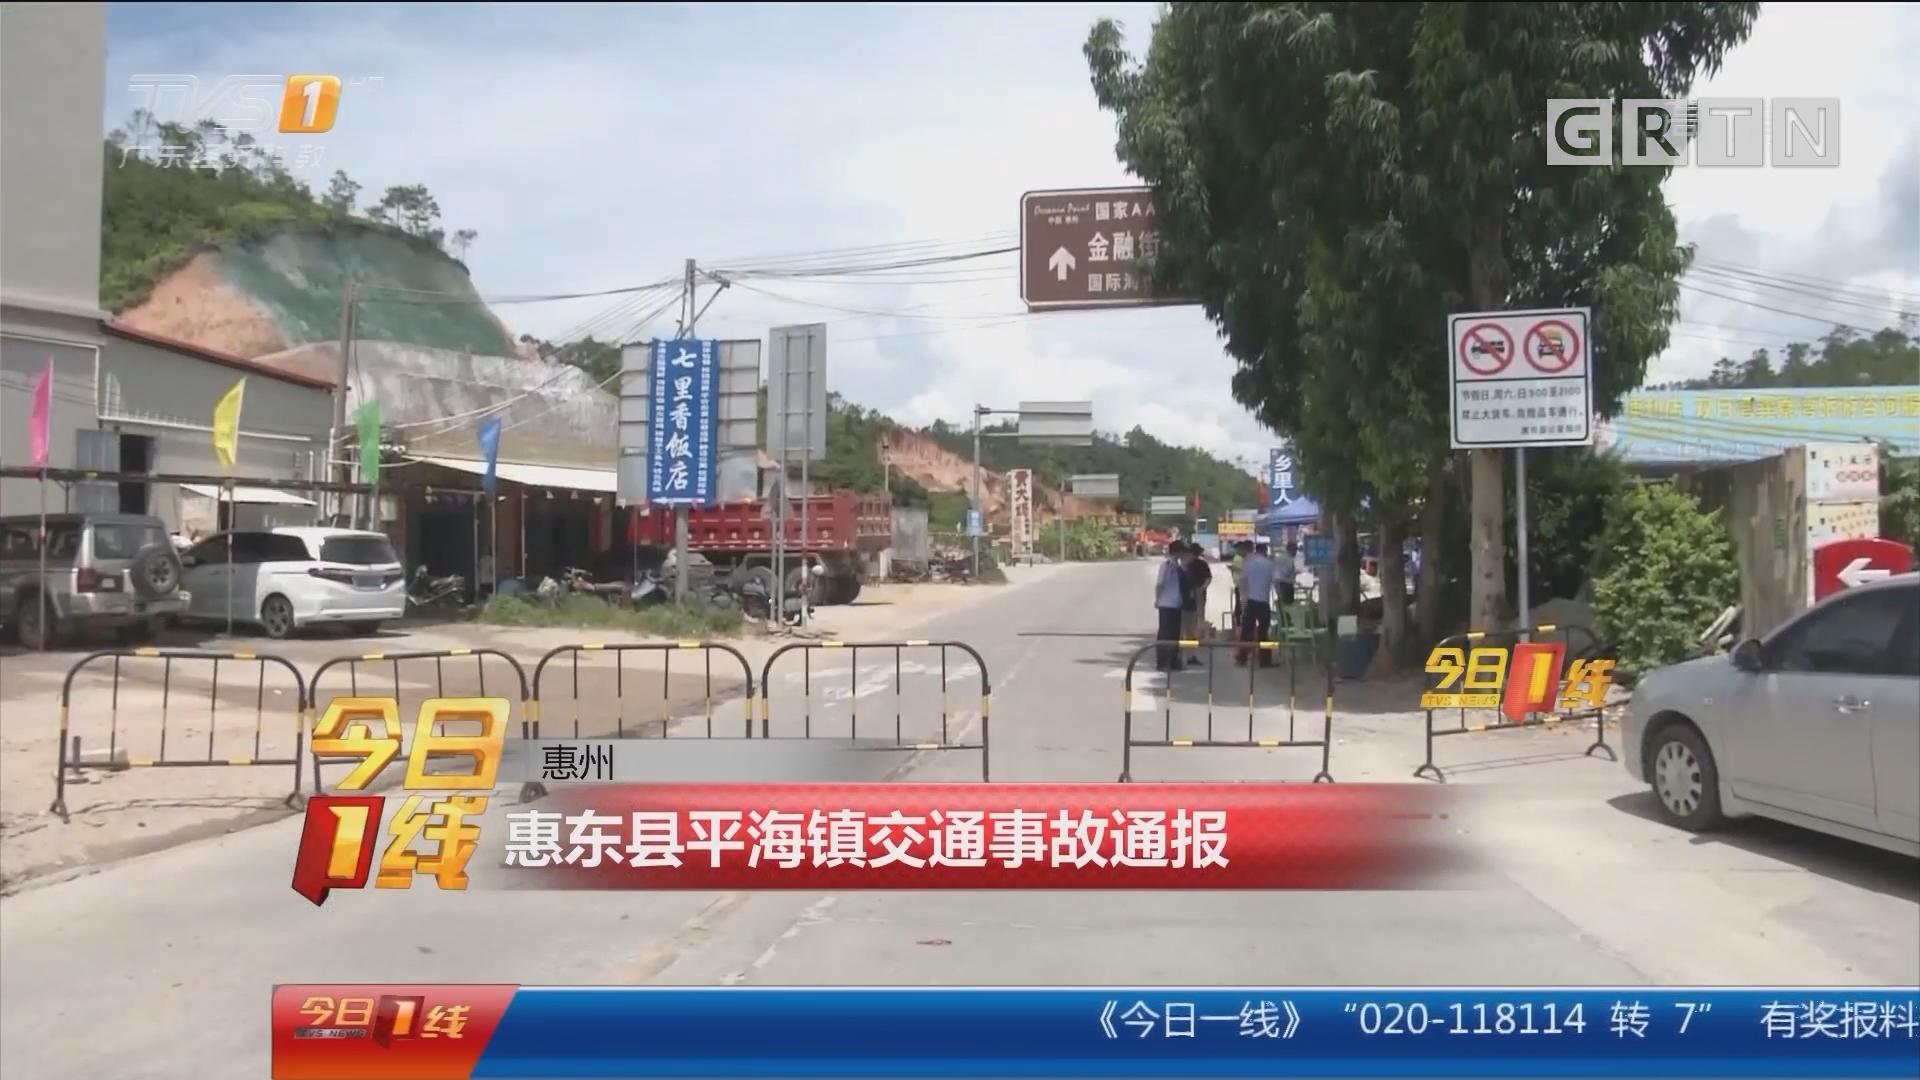 惠州:惠东县平海镇交通事故通报